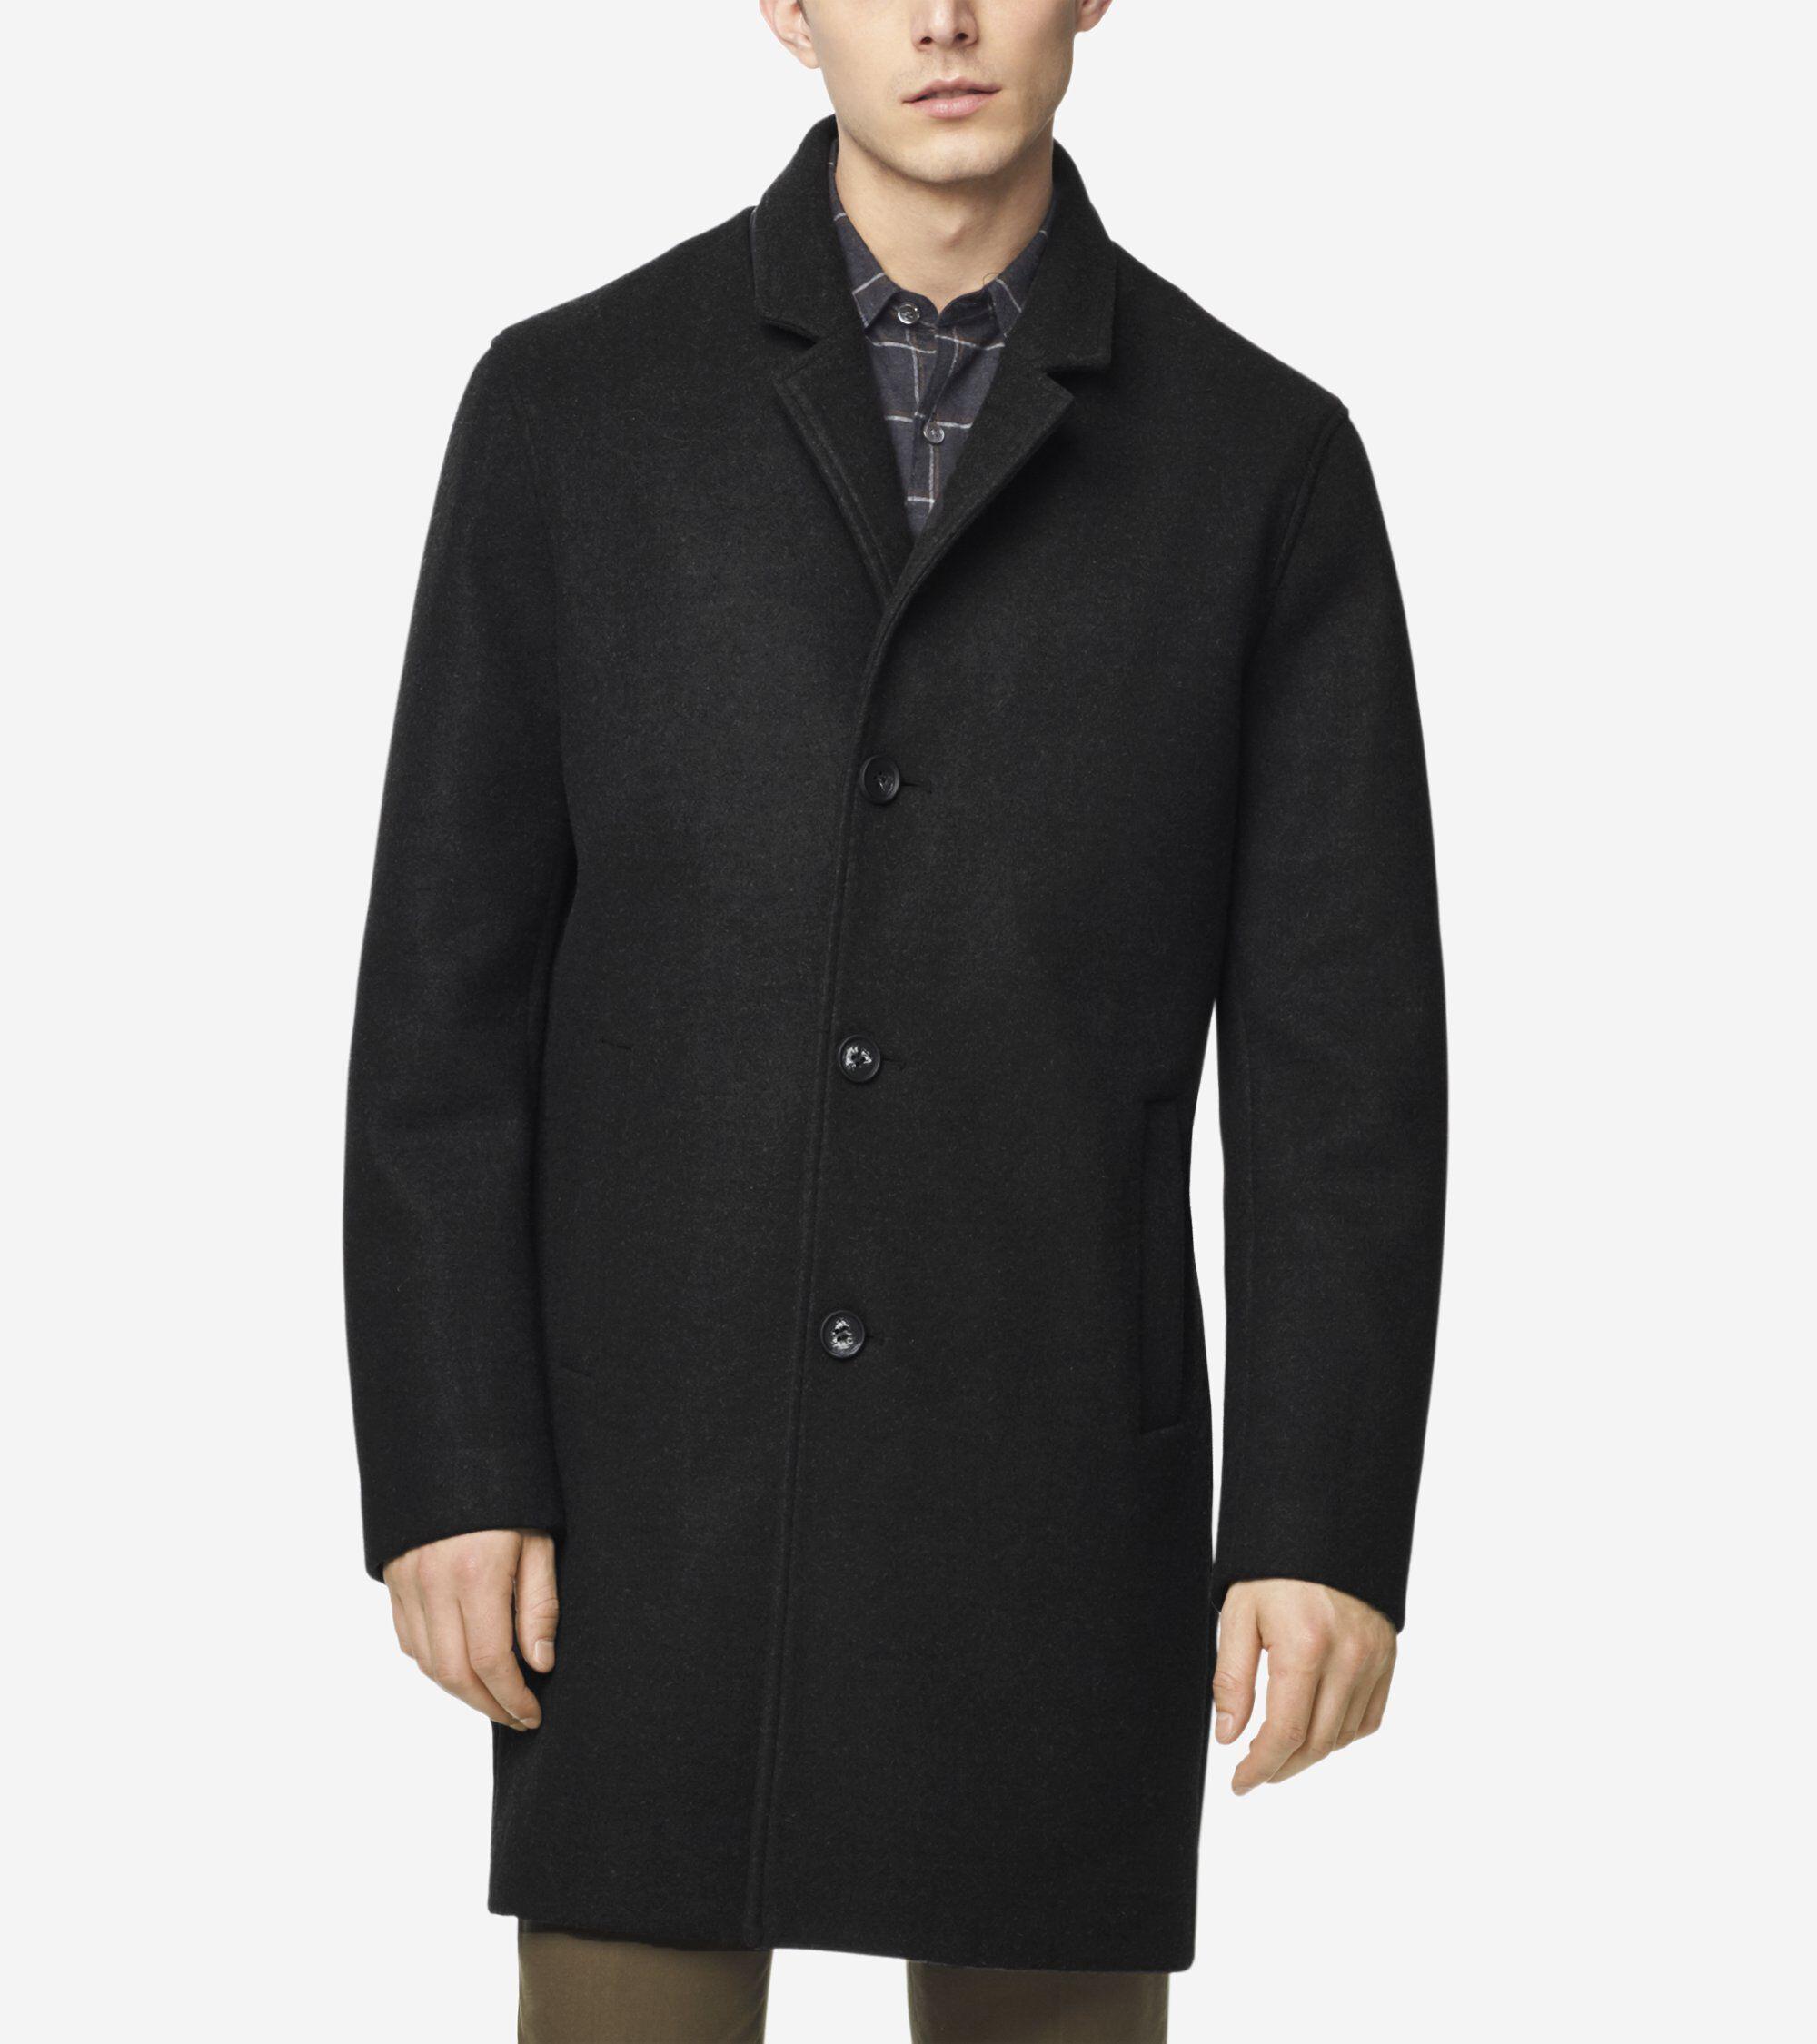 Cole Haan Men's GRANDSERIES Stretch Wool Top Coat